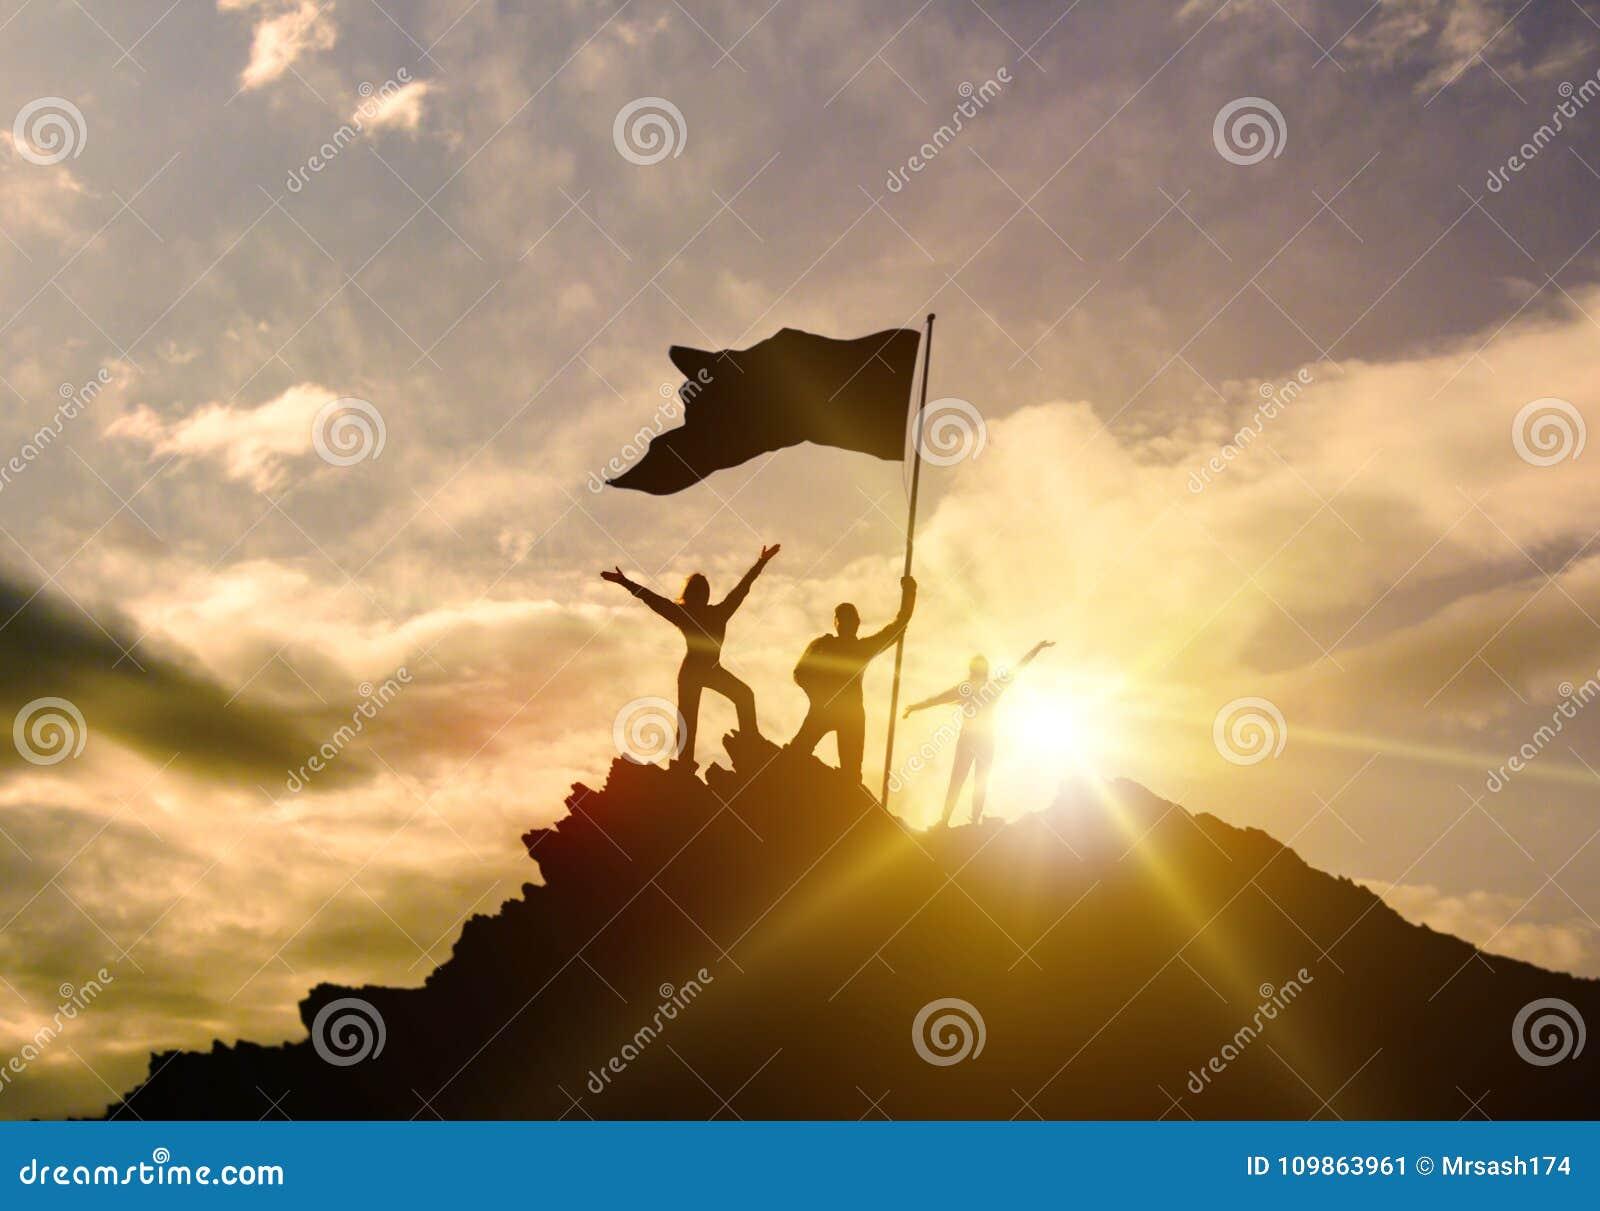 O sucesso alto, família três mostra em silhueta, pai da mãe e criança que mantém a bandeira da vitória sobre a montanha, mãos